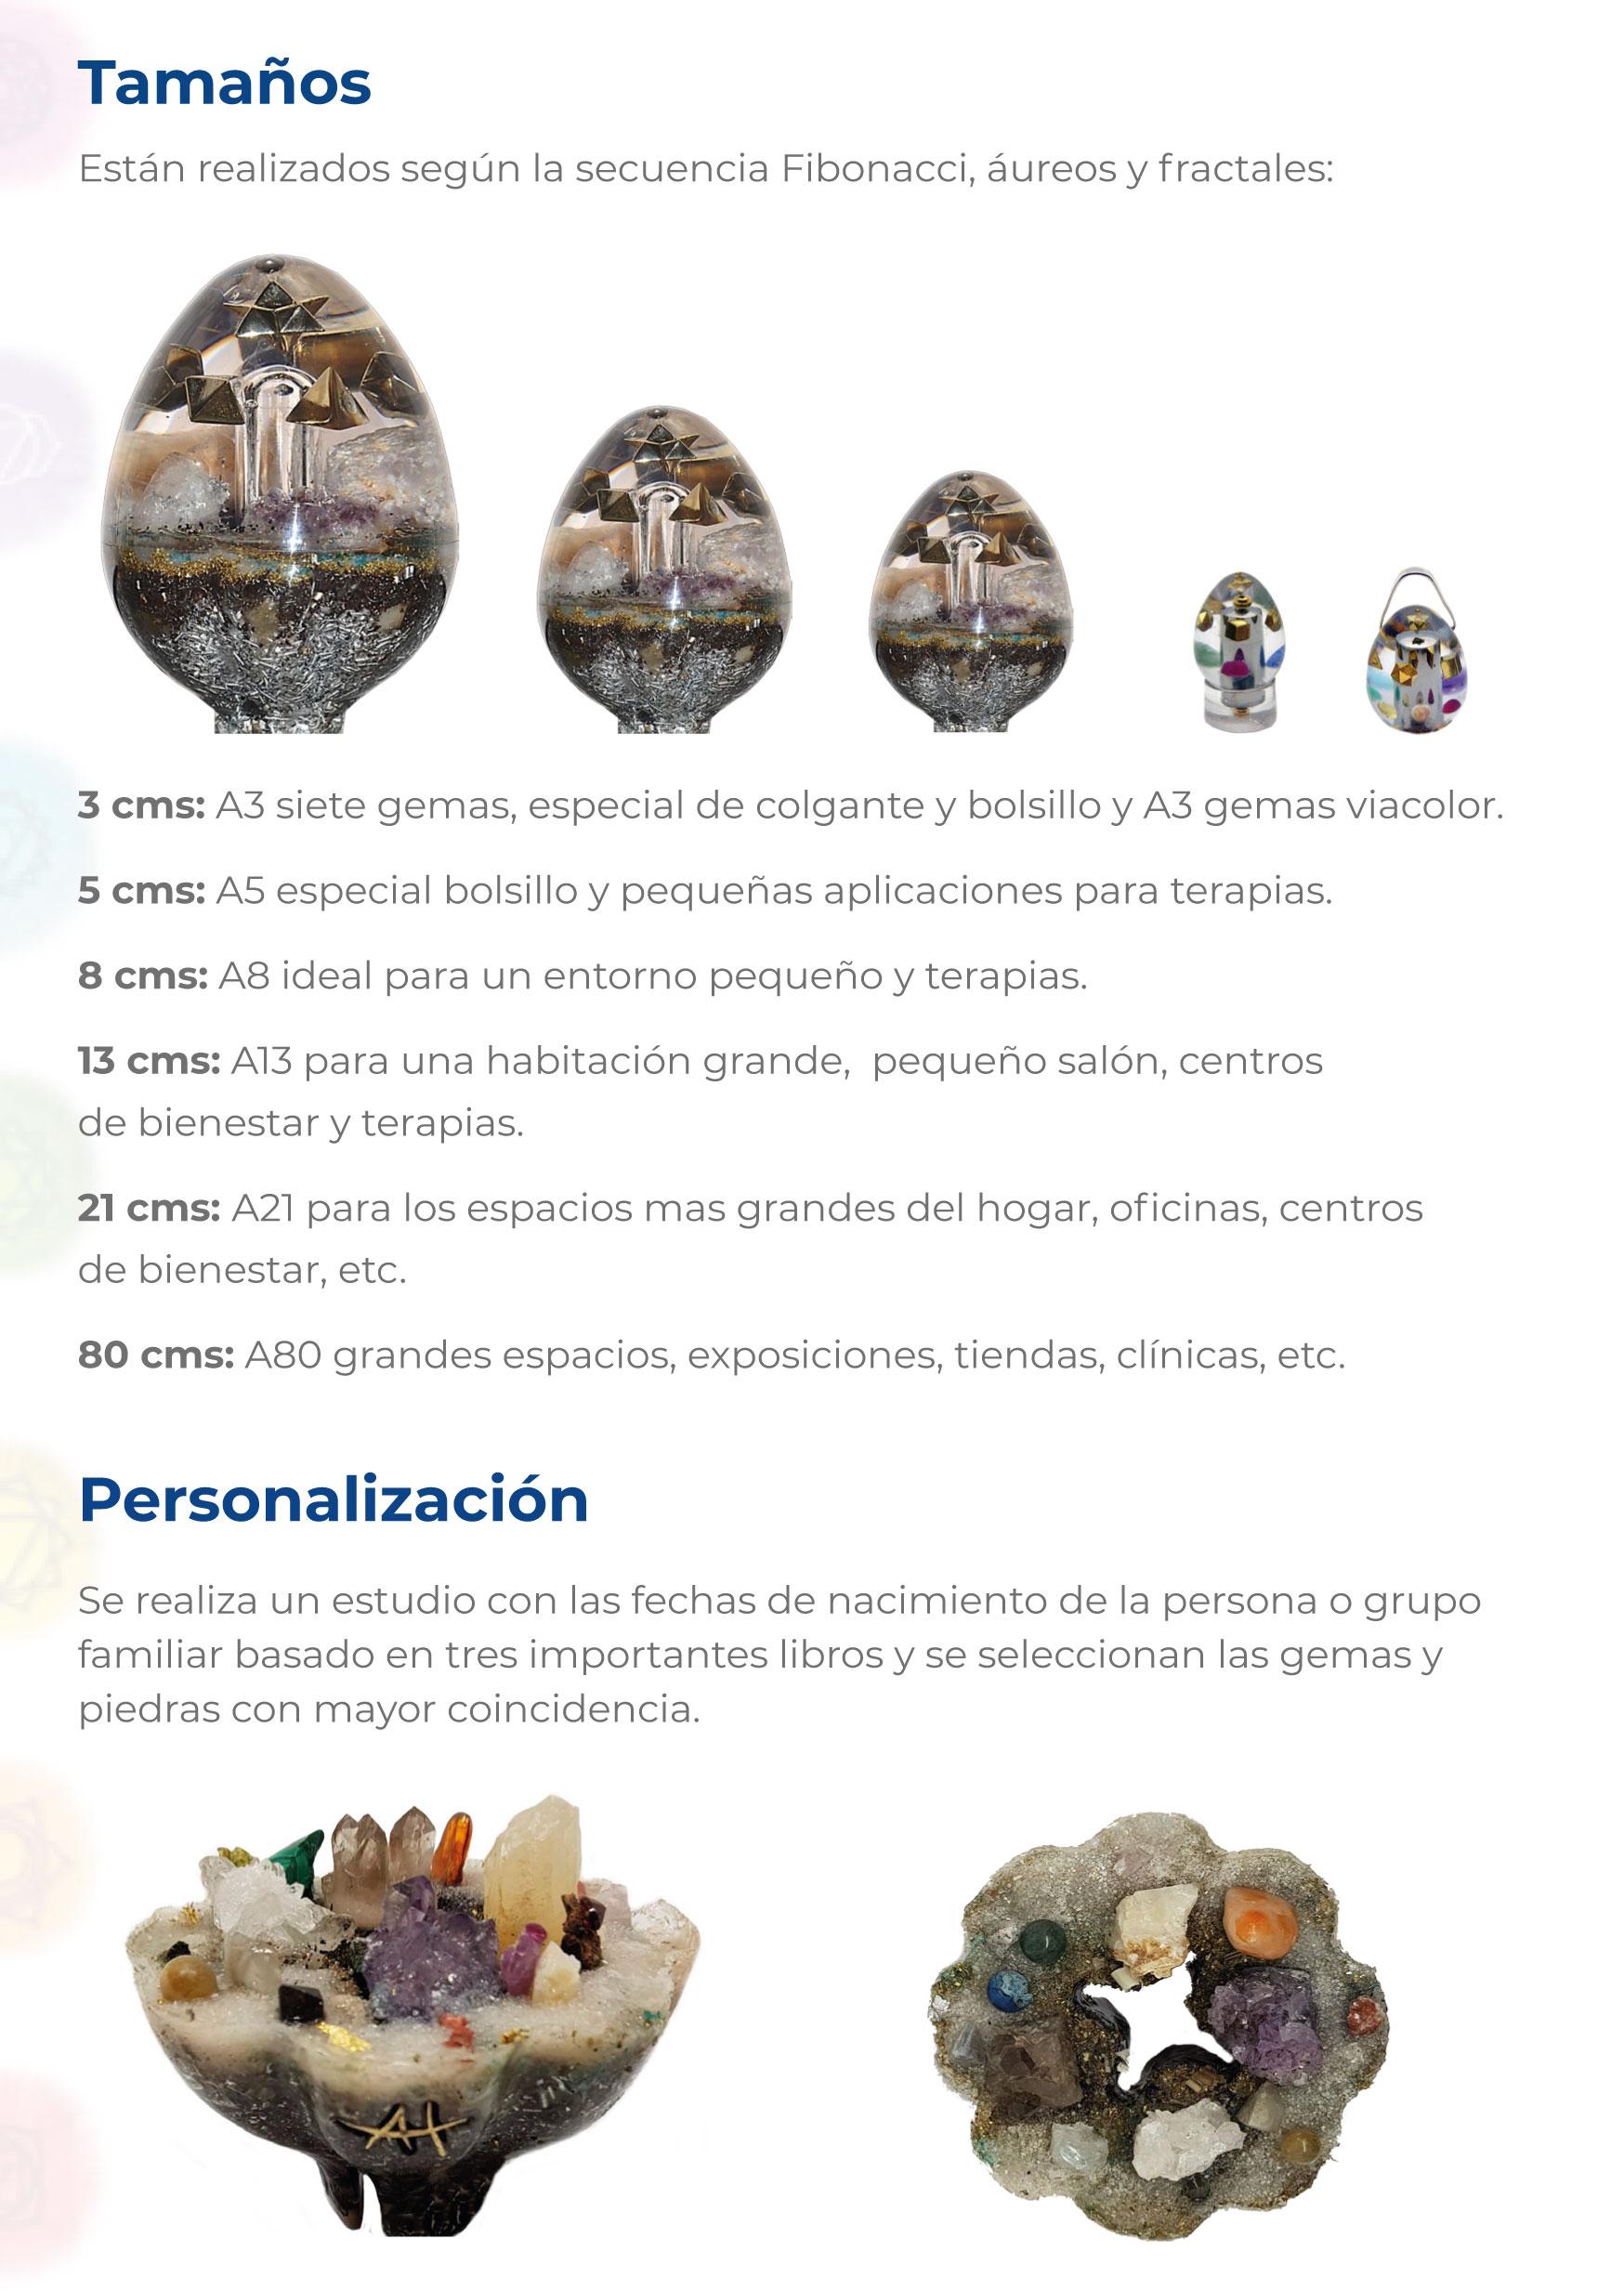 Armonite_Personalización-01